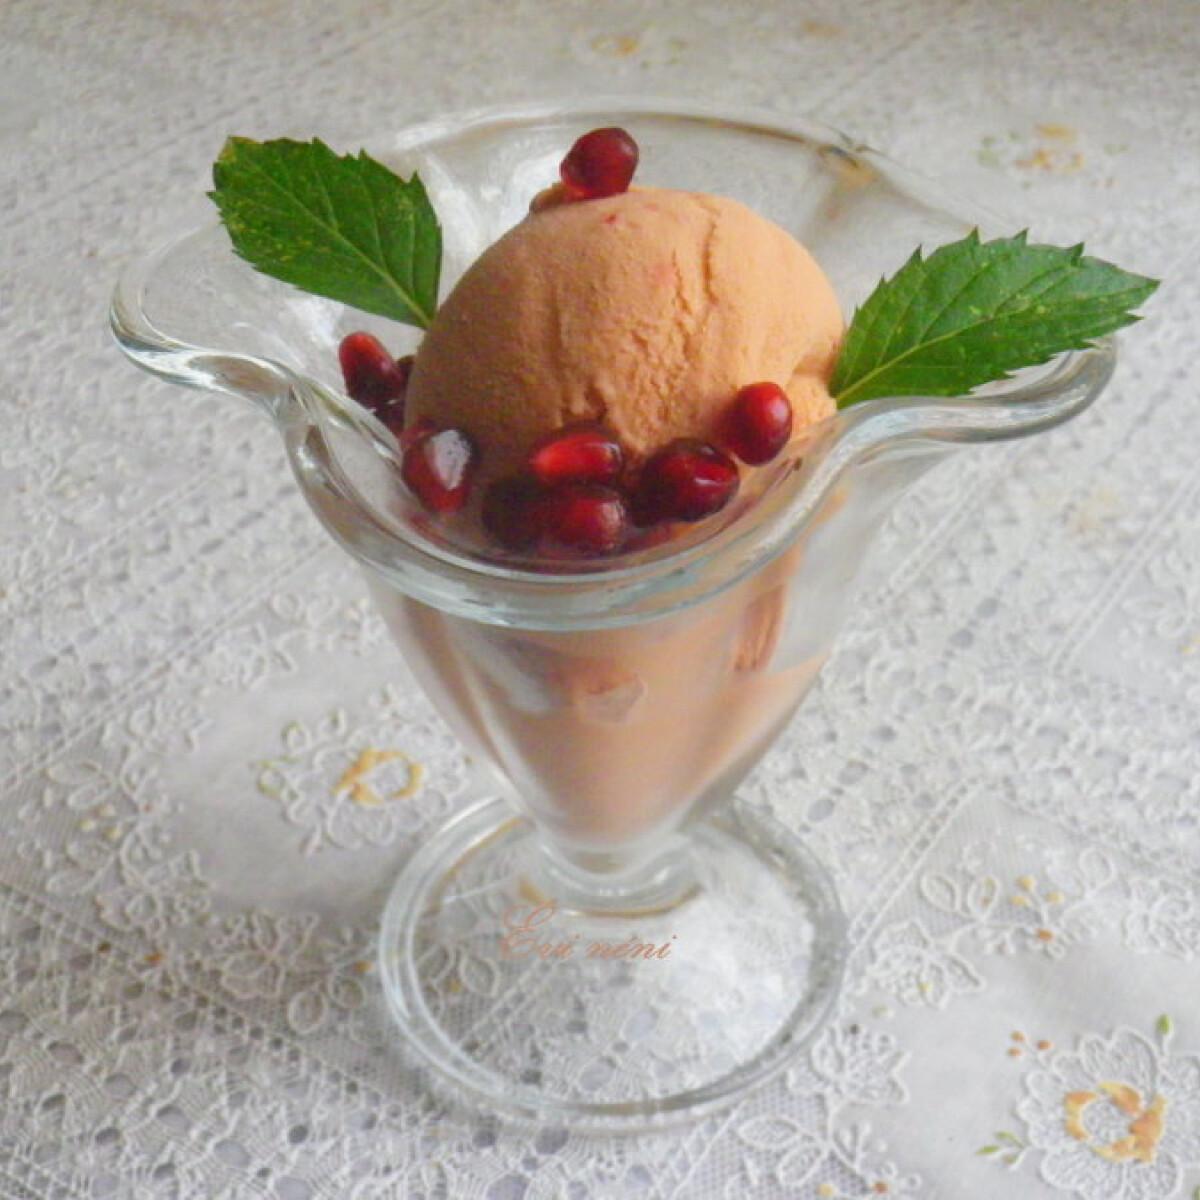 Ezen a képen: Gránátalma fagylalt